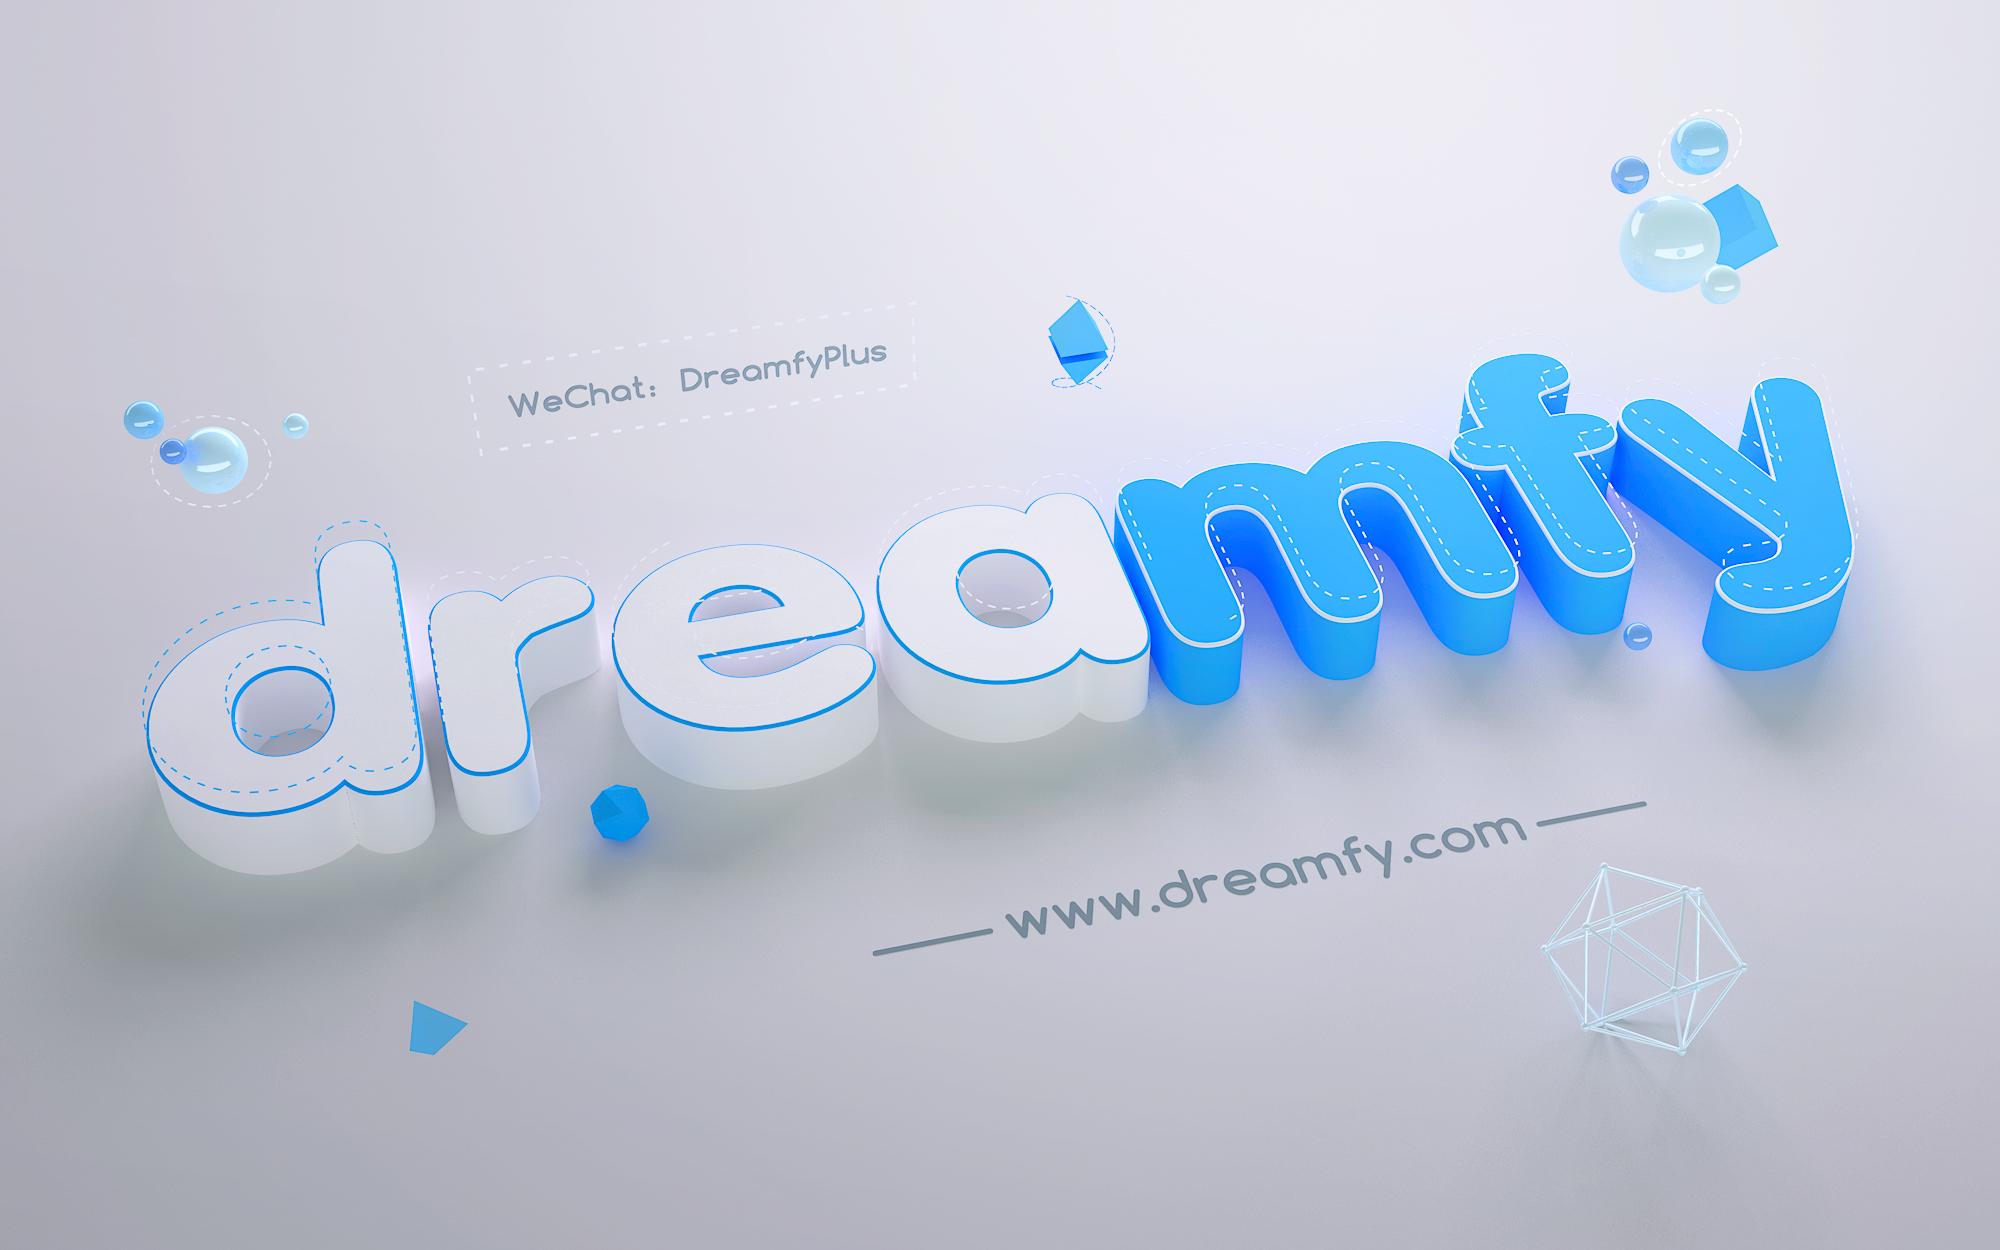 dreamfy 10th